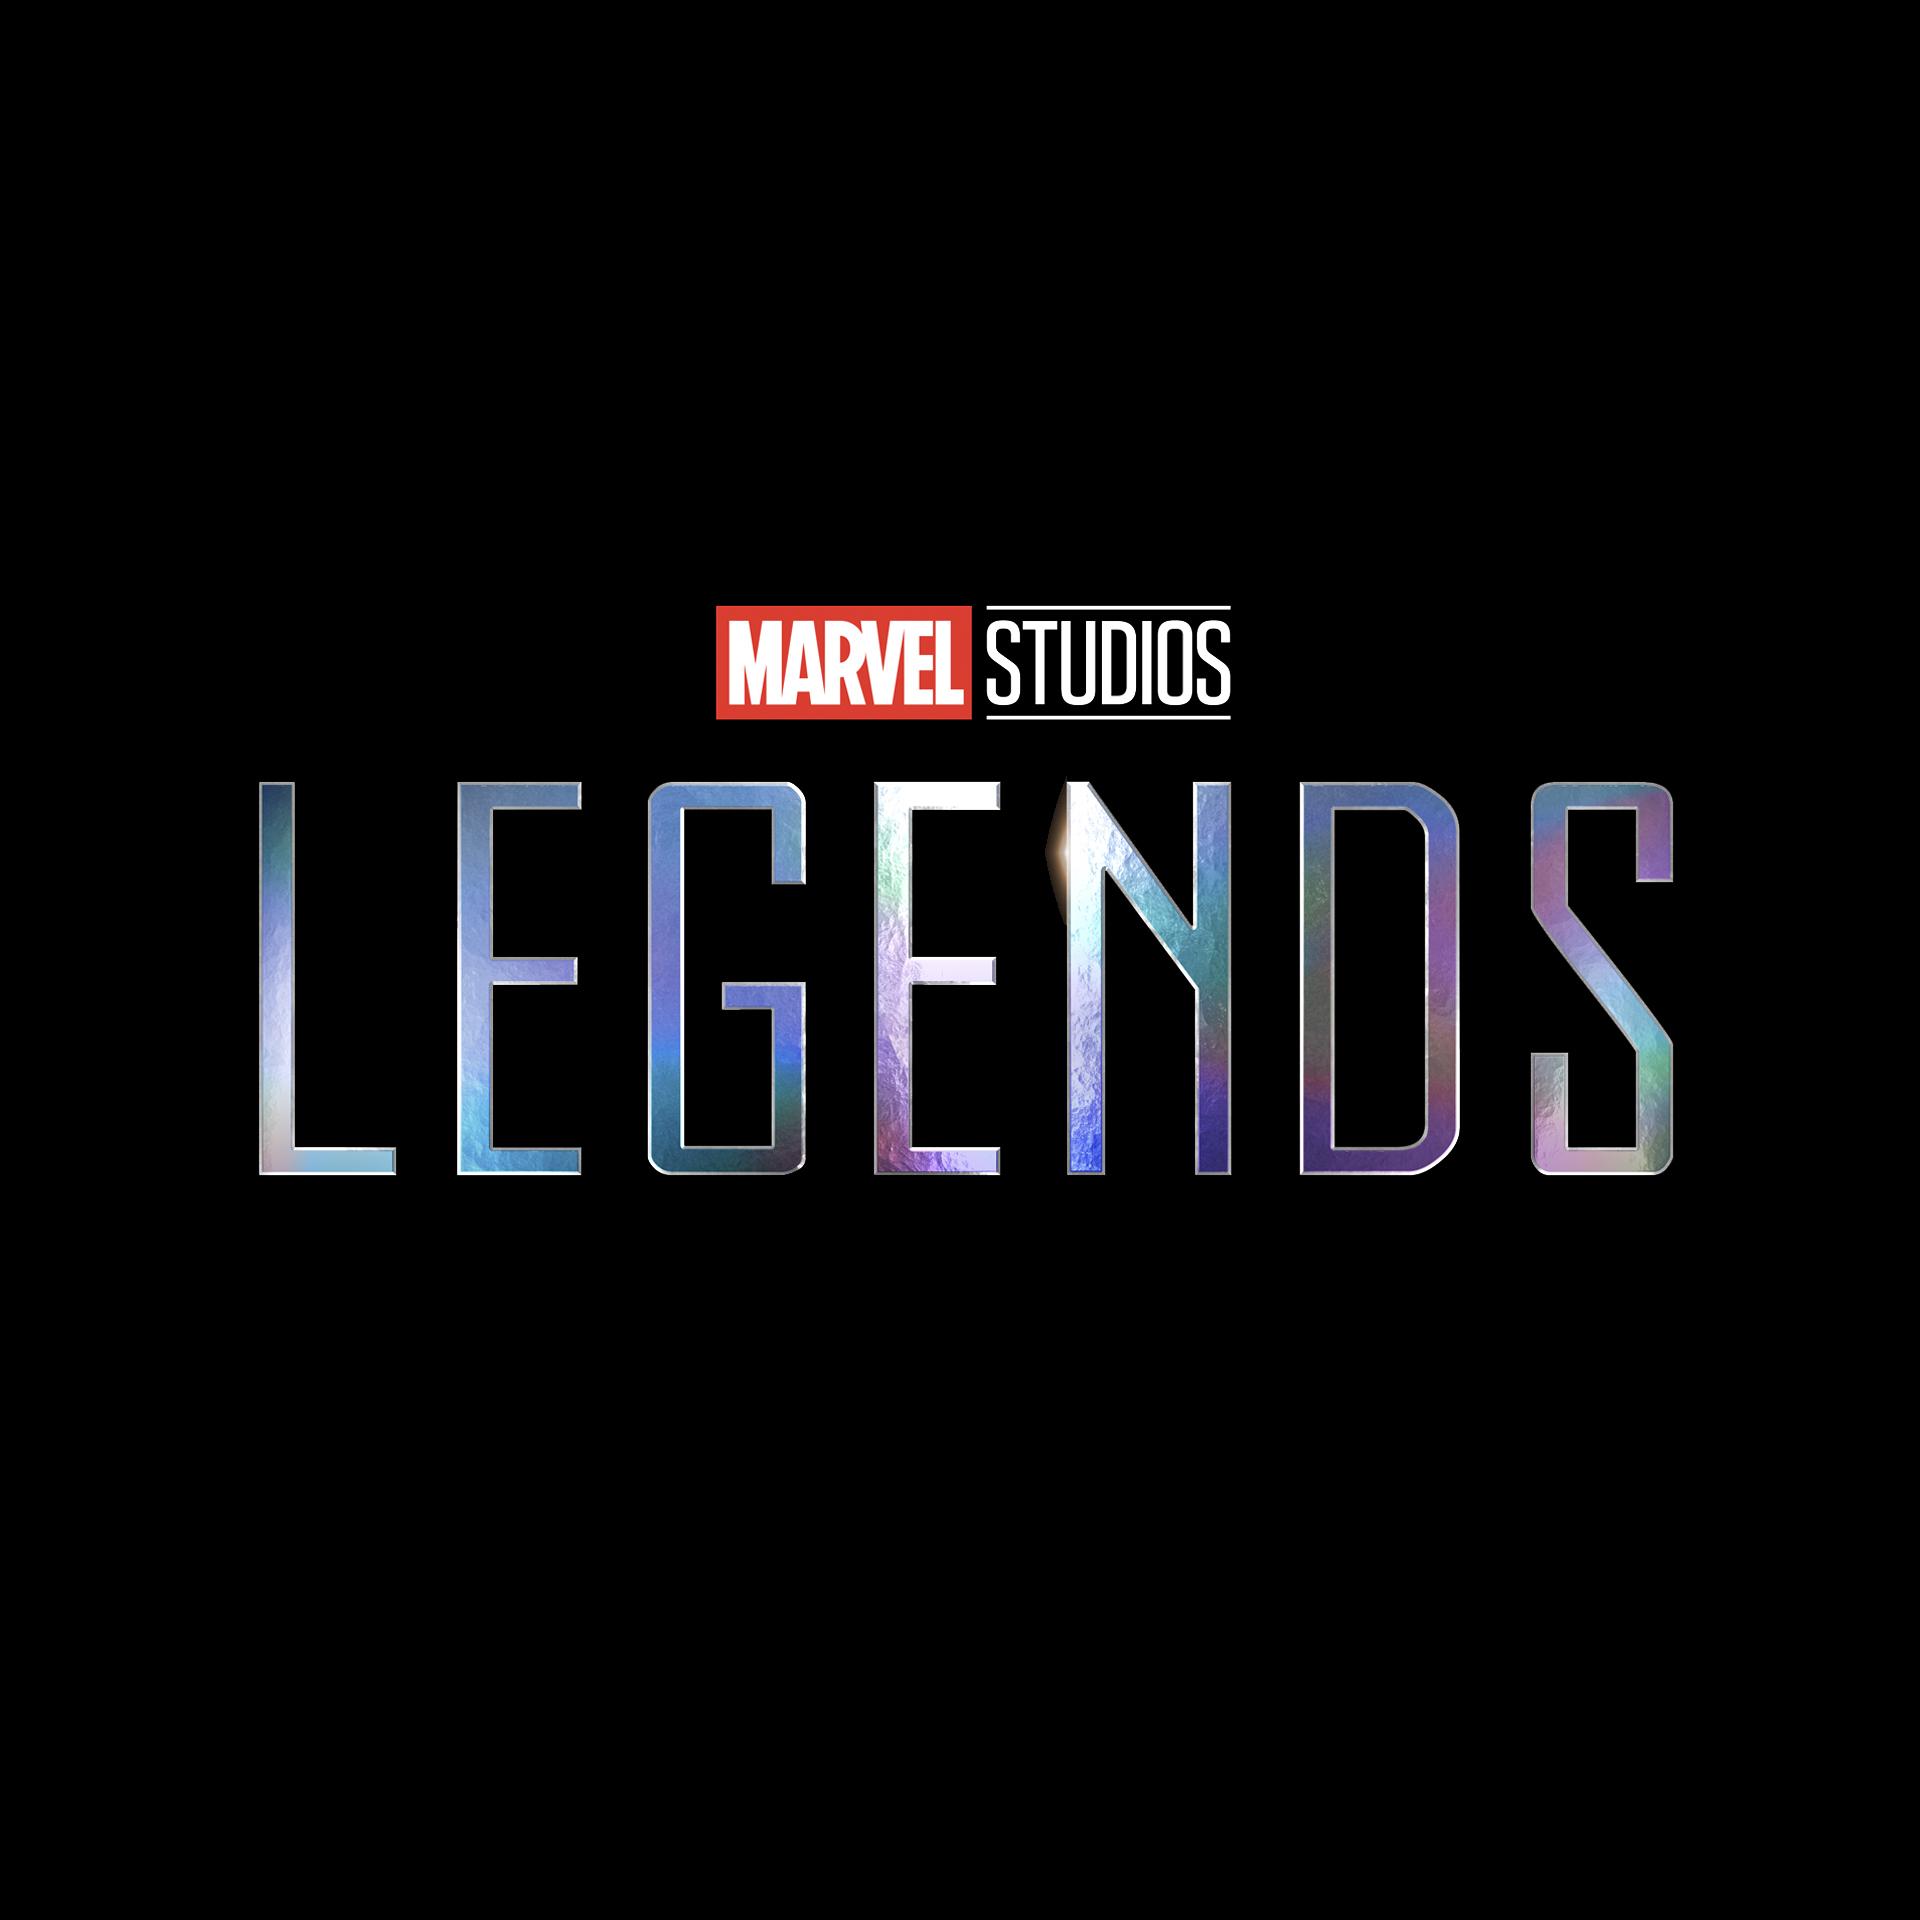 Marvel Studios: Legends   Série vai revisitar momentos icônicos do MCU no Disney+